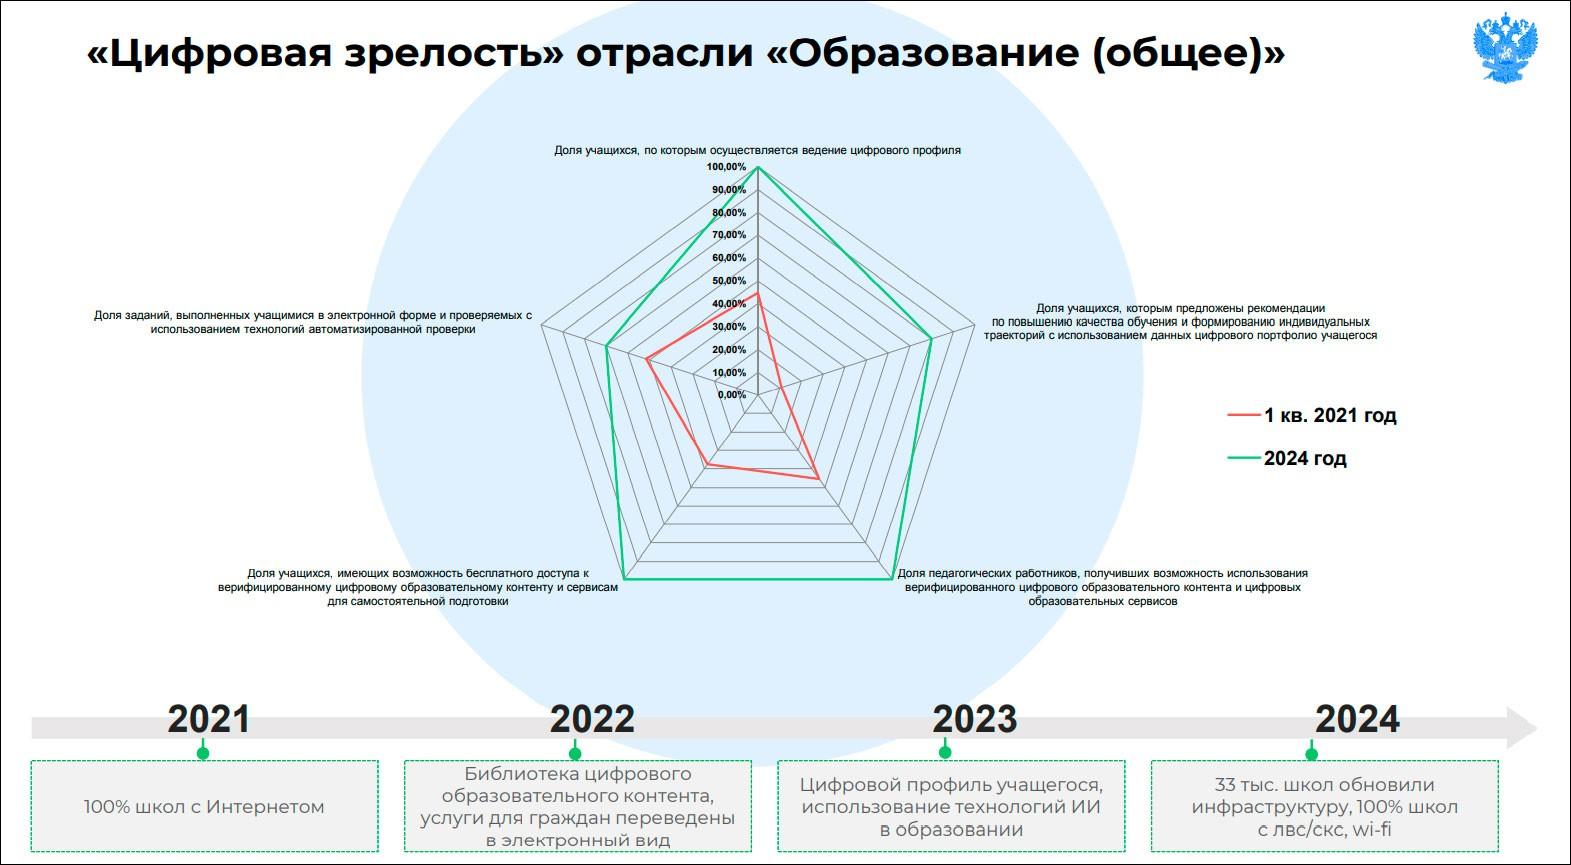 Названы приоритеты цифровой трансформации общего образования в регионах России